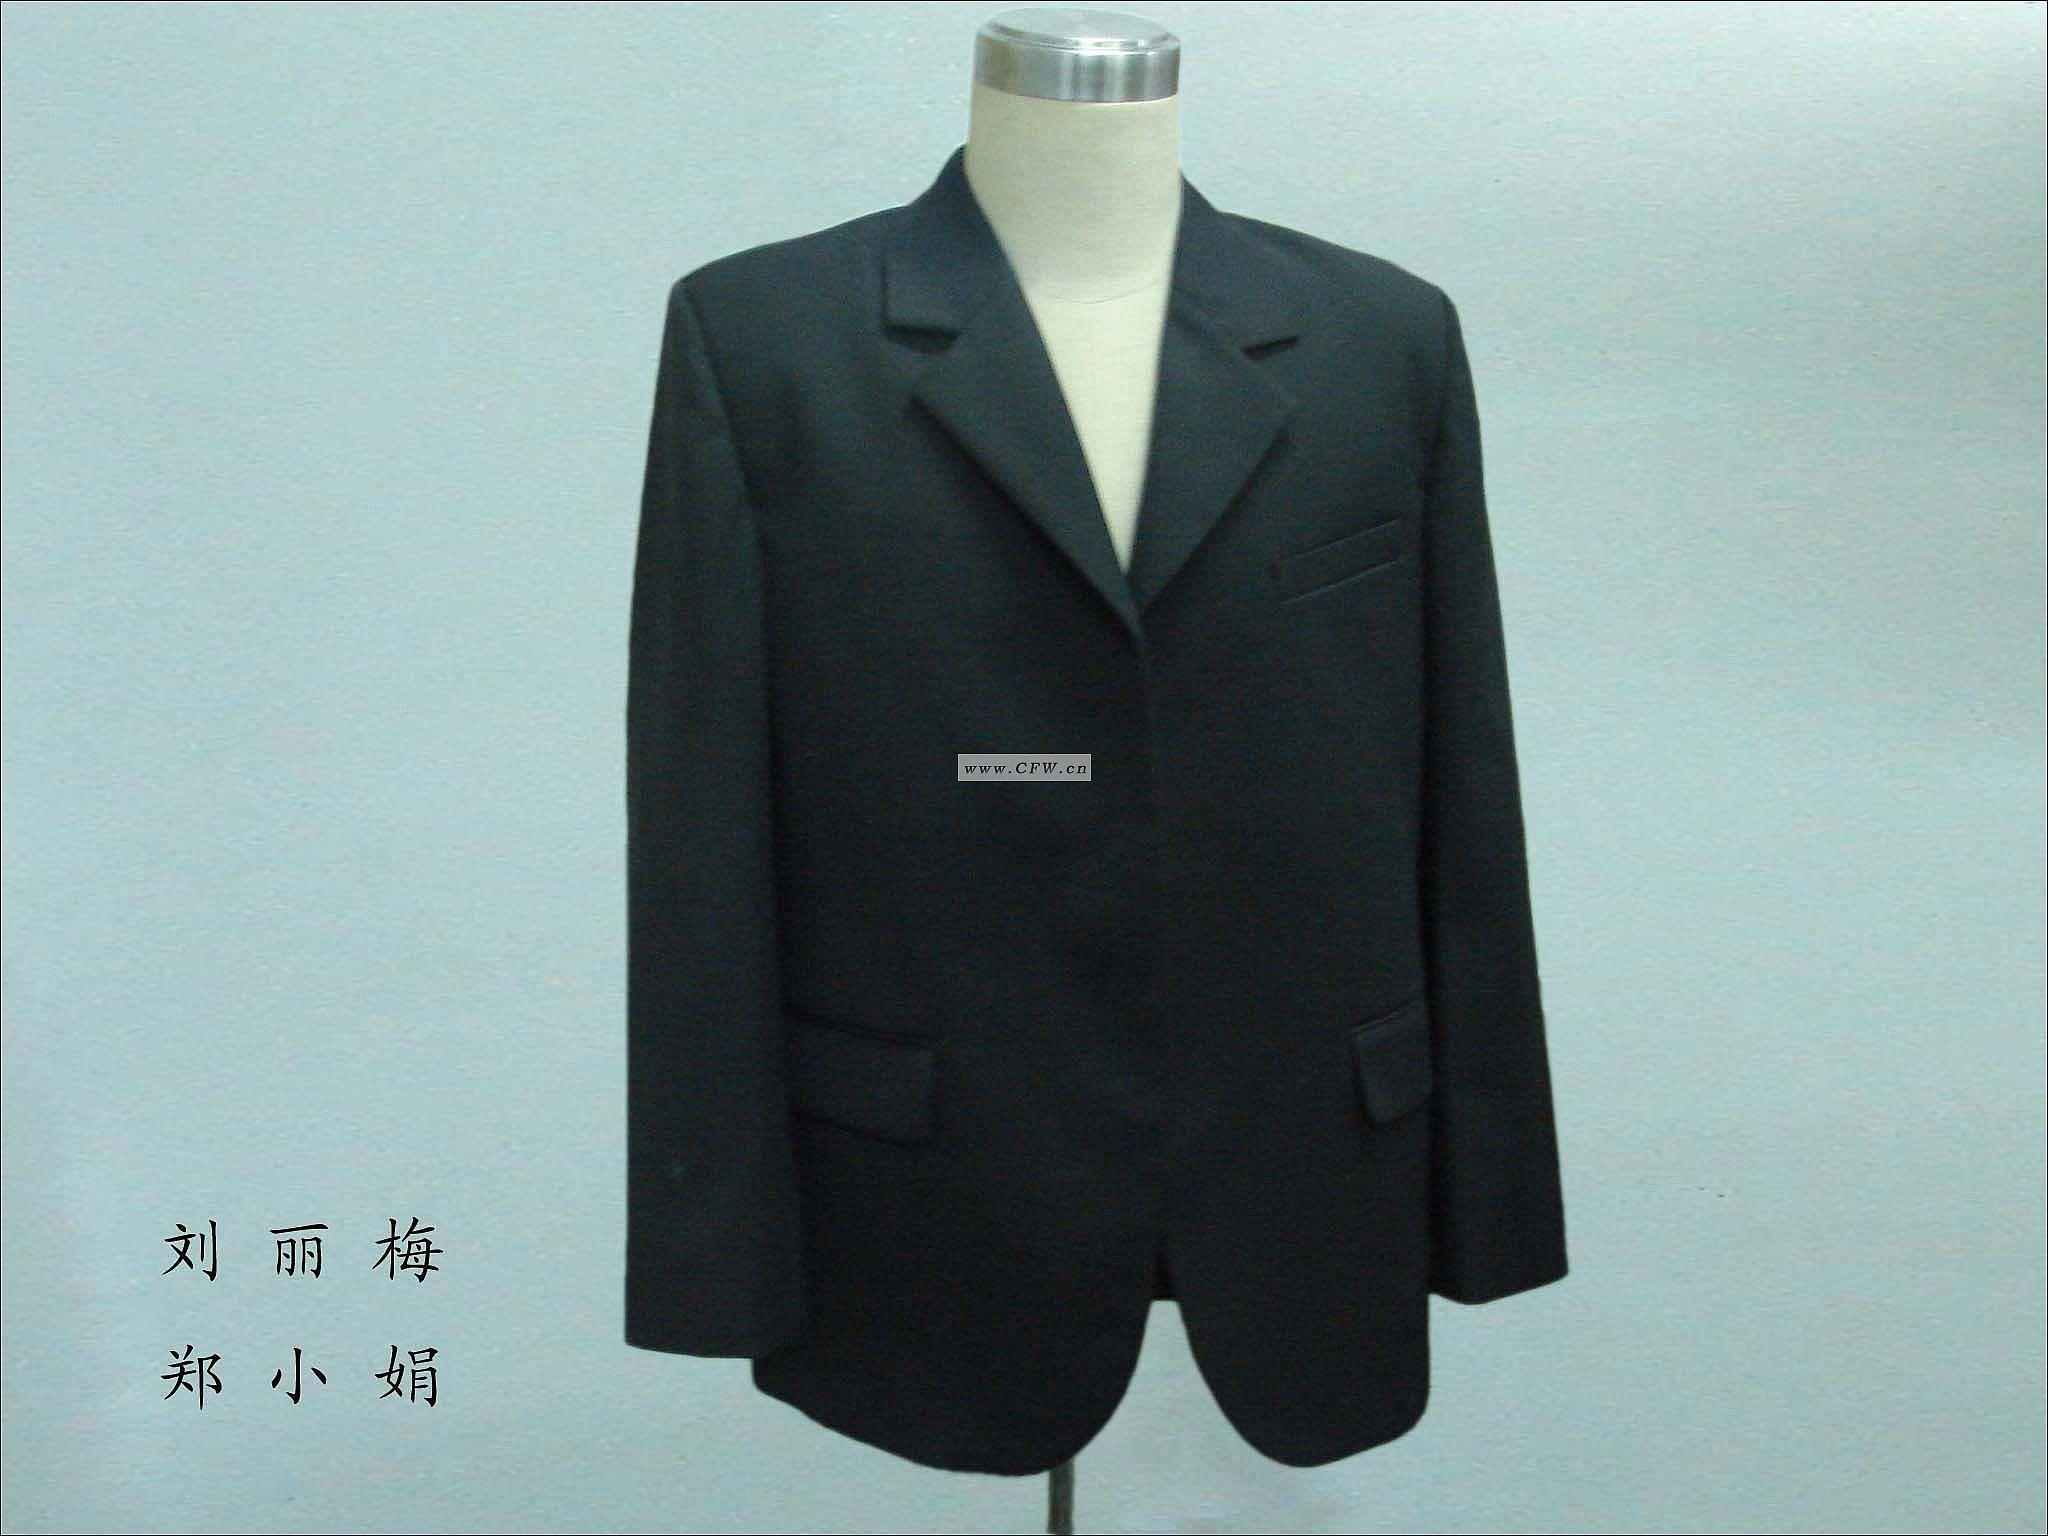 西服精做-男装设计-服装设计